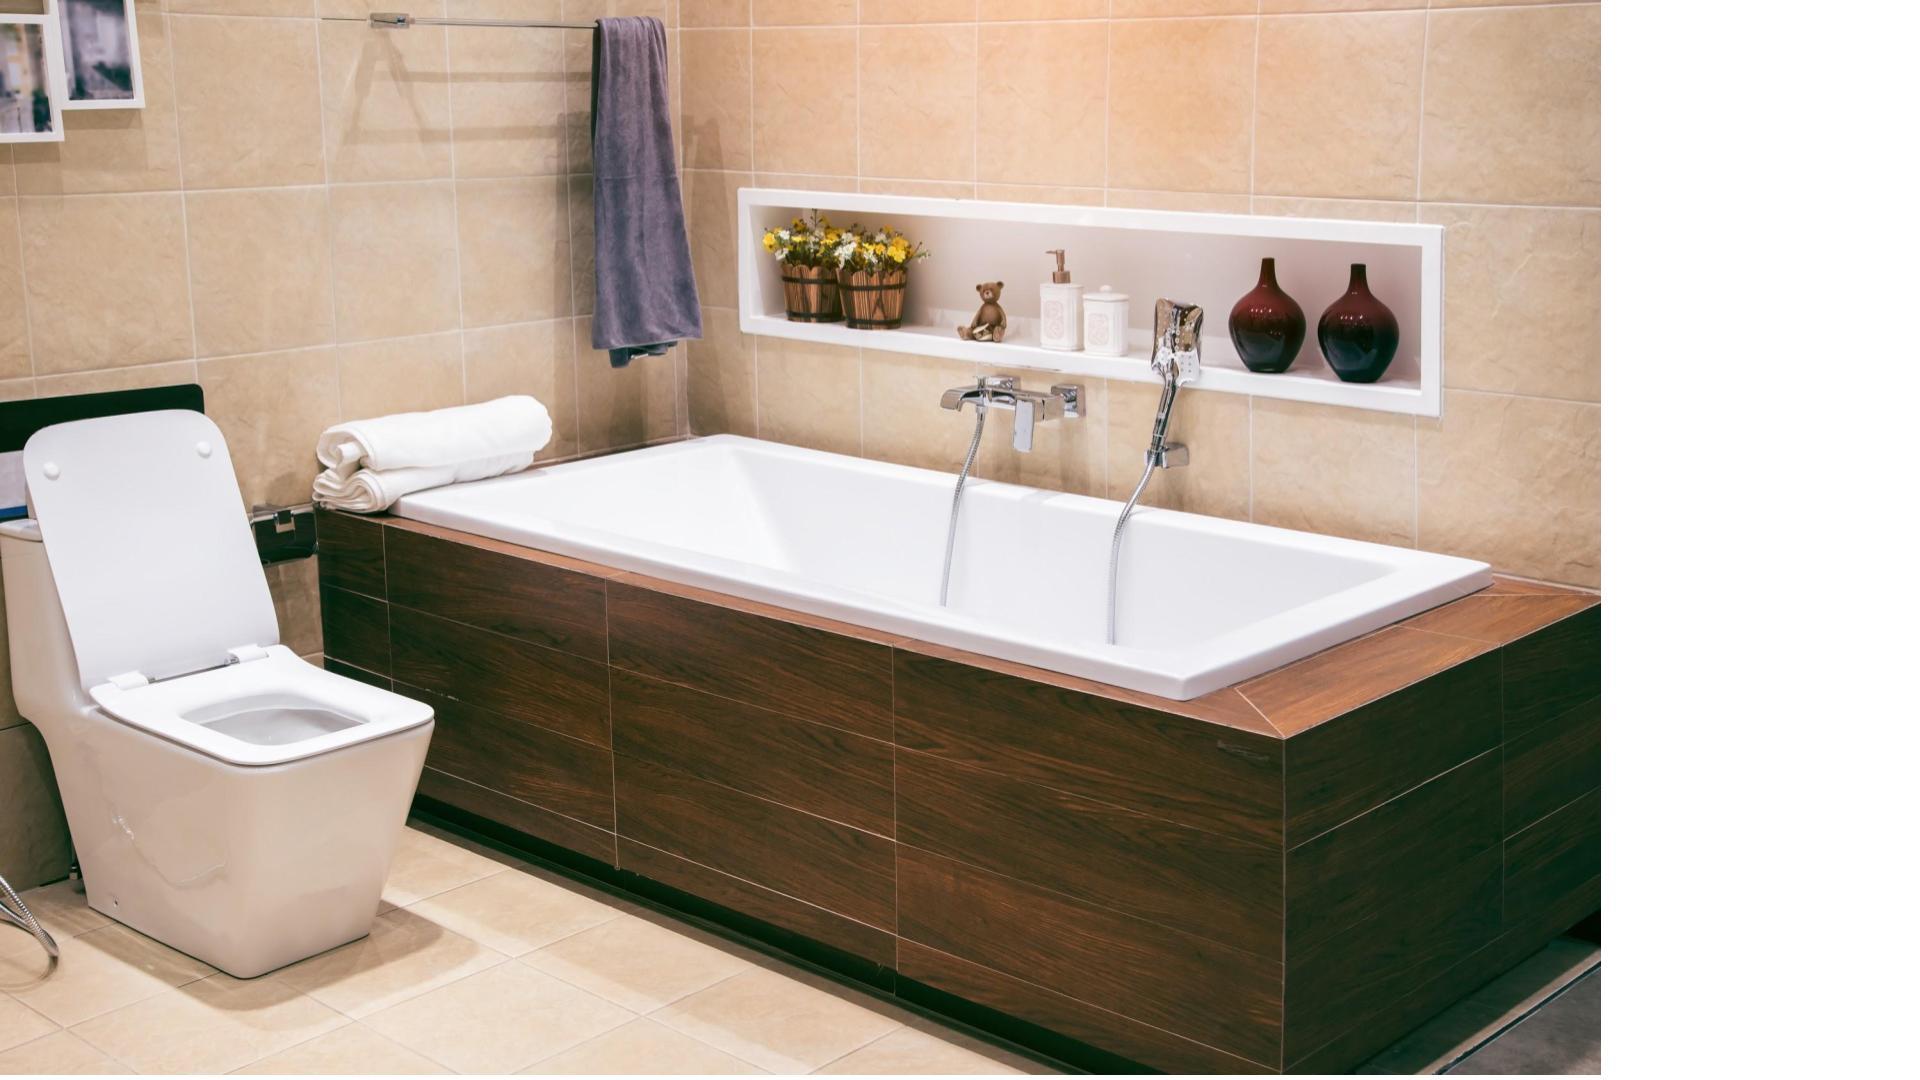 Pose d'un tablier de baignoire